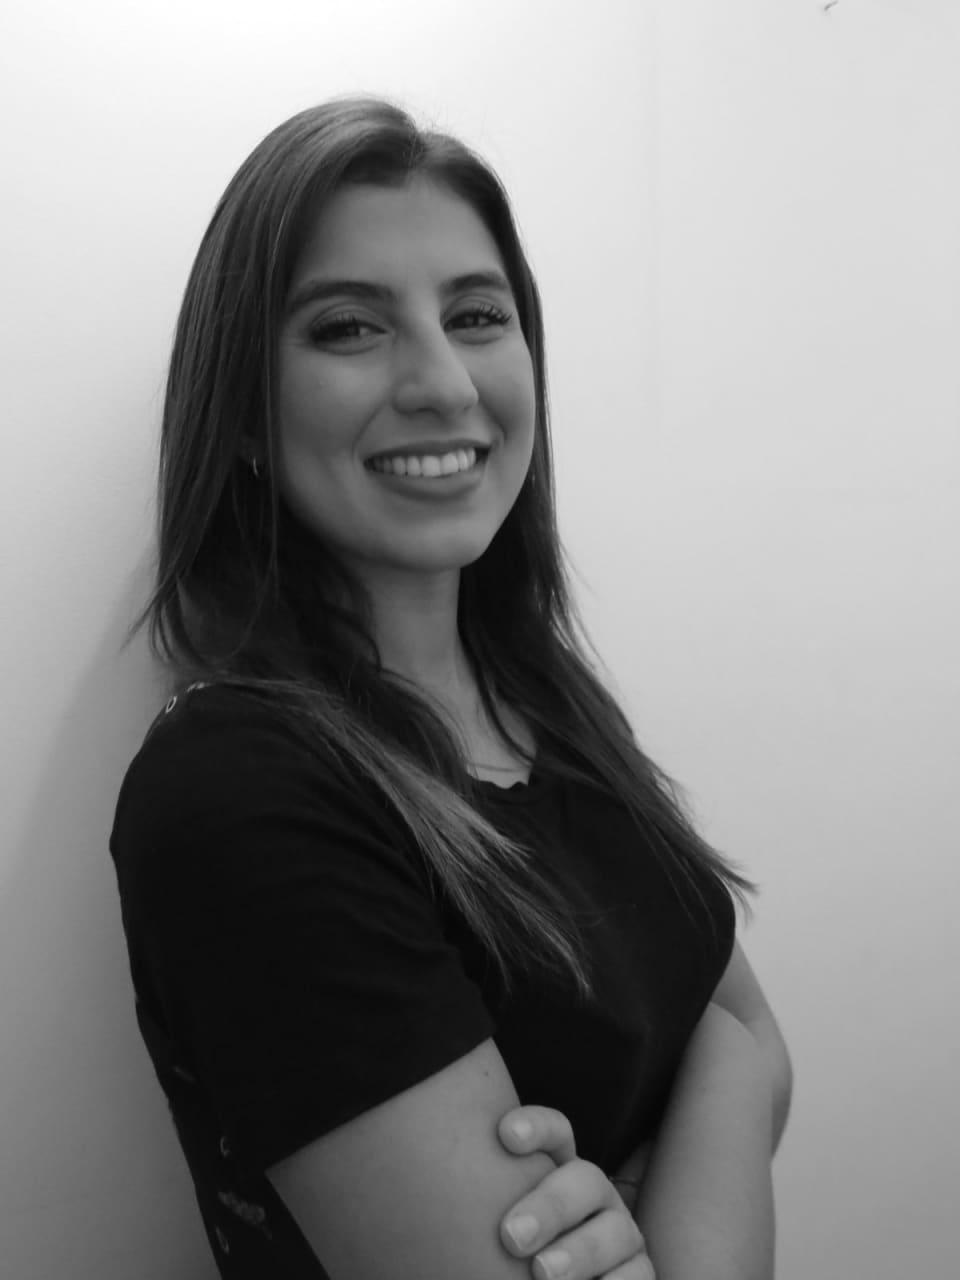 Louise Antunes Gonçalves